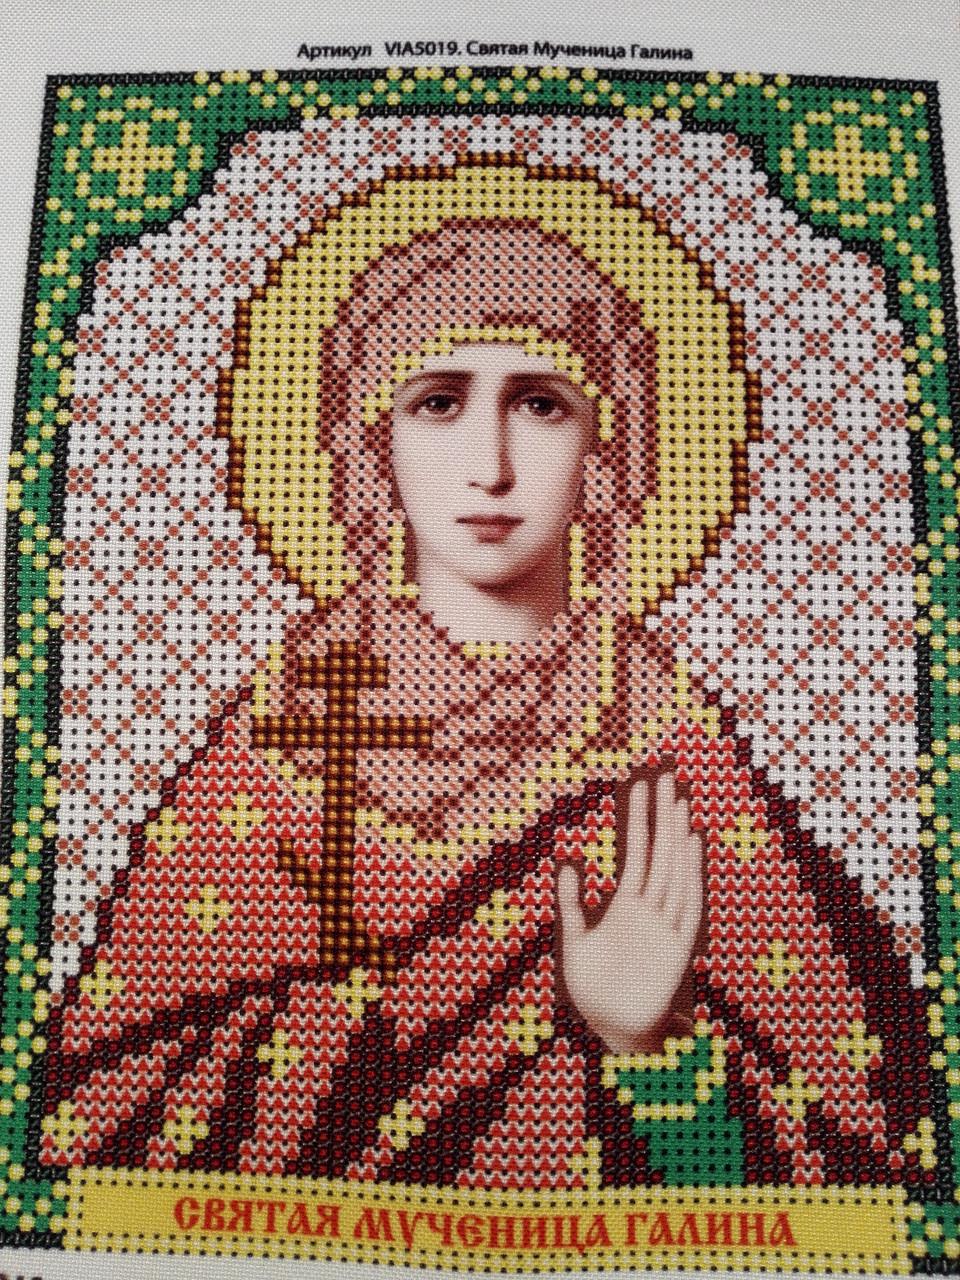 Набор для вышивки бисером икона Святая Мученица Галина VIA 5019